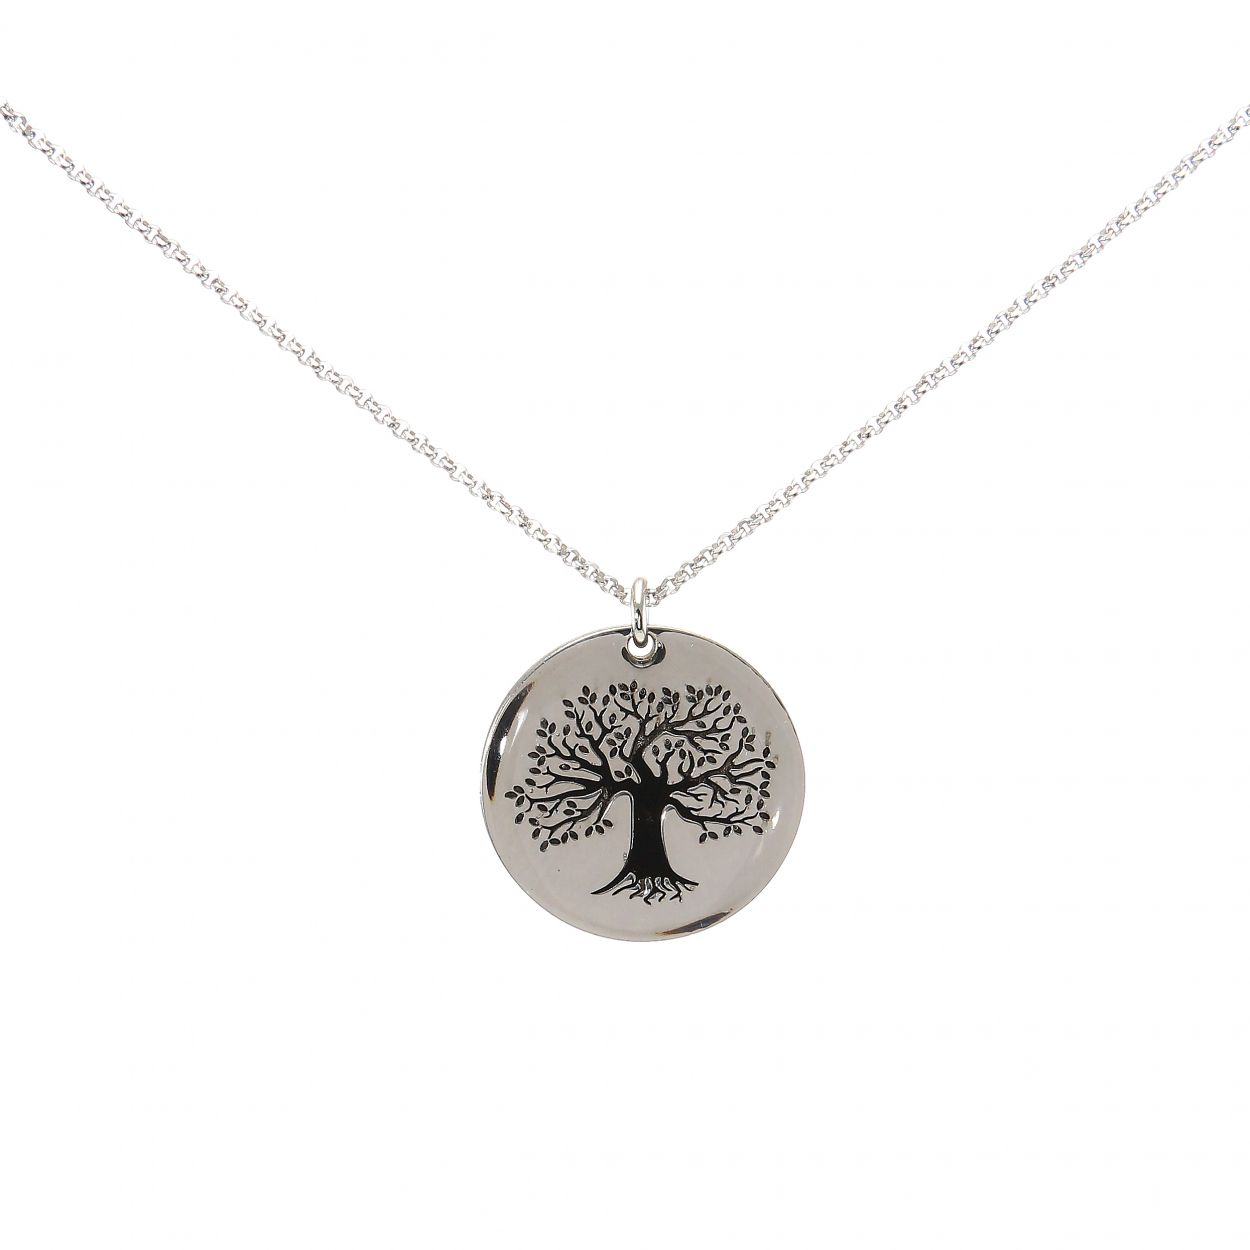 6b7d5f6d54c Collier argent rhodié arbre de vie Ref. 46705